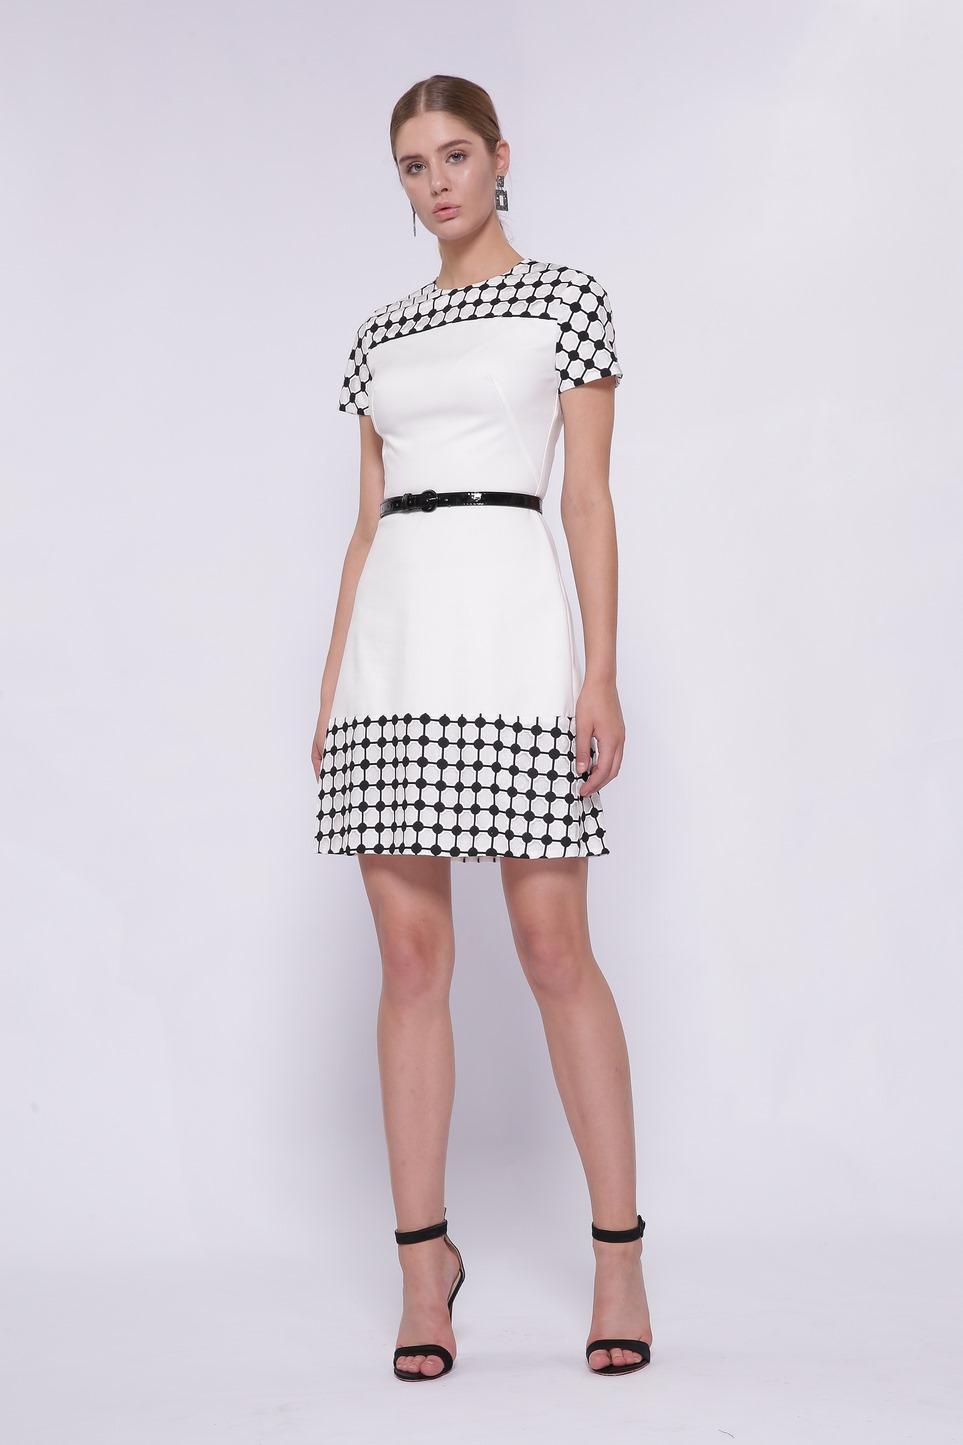 b4a115b7462 Короткие платья купить в Минске  модные модели ждут в каталоге!